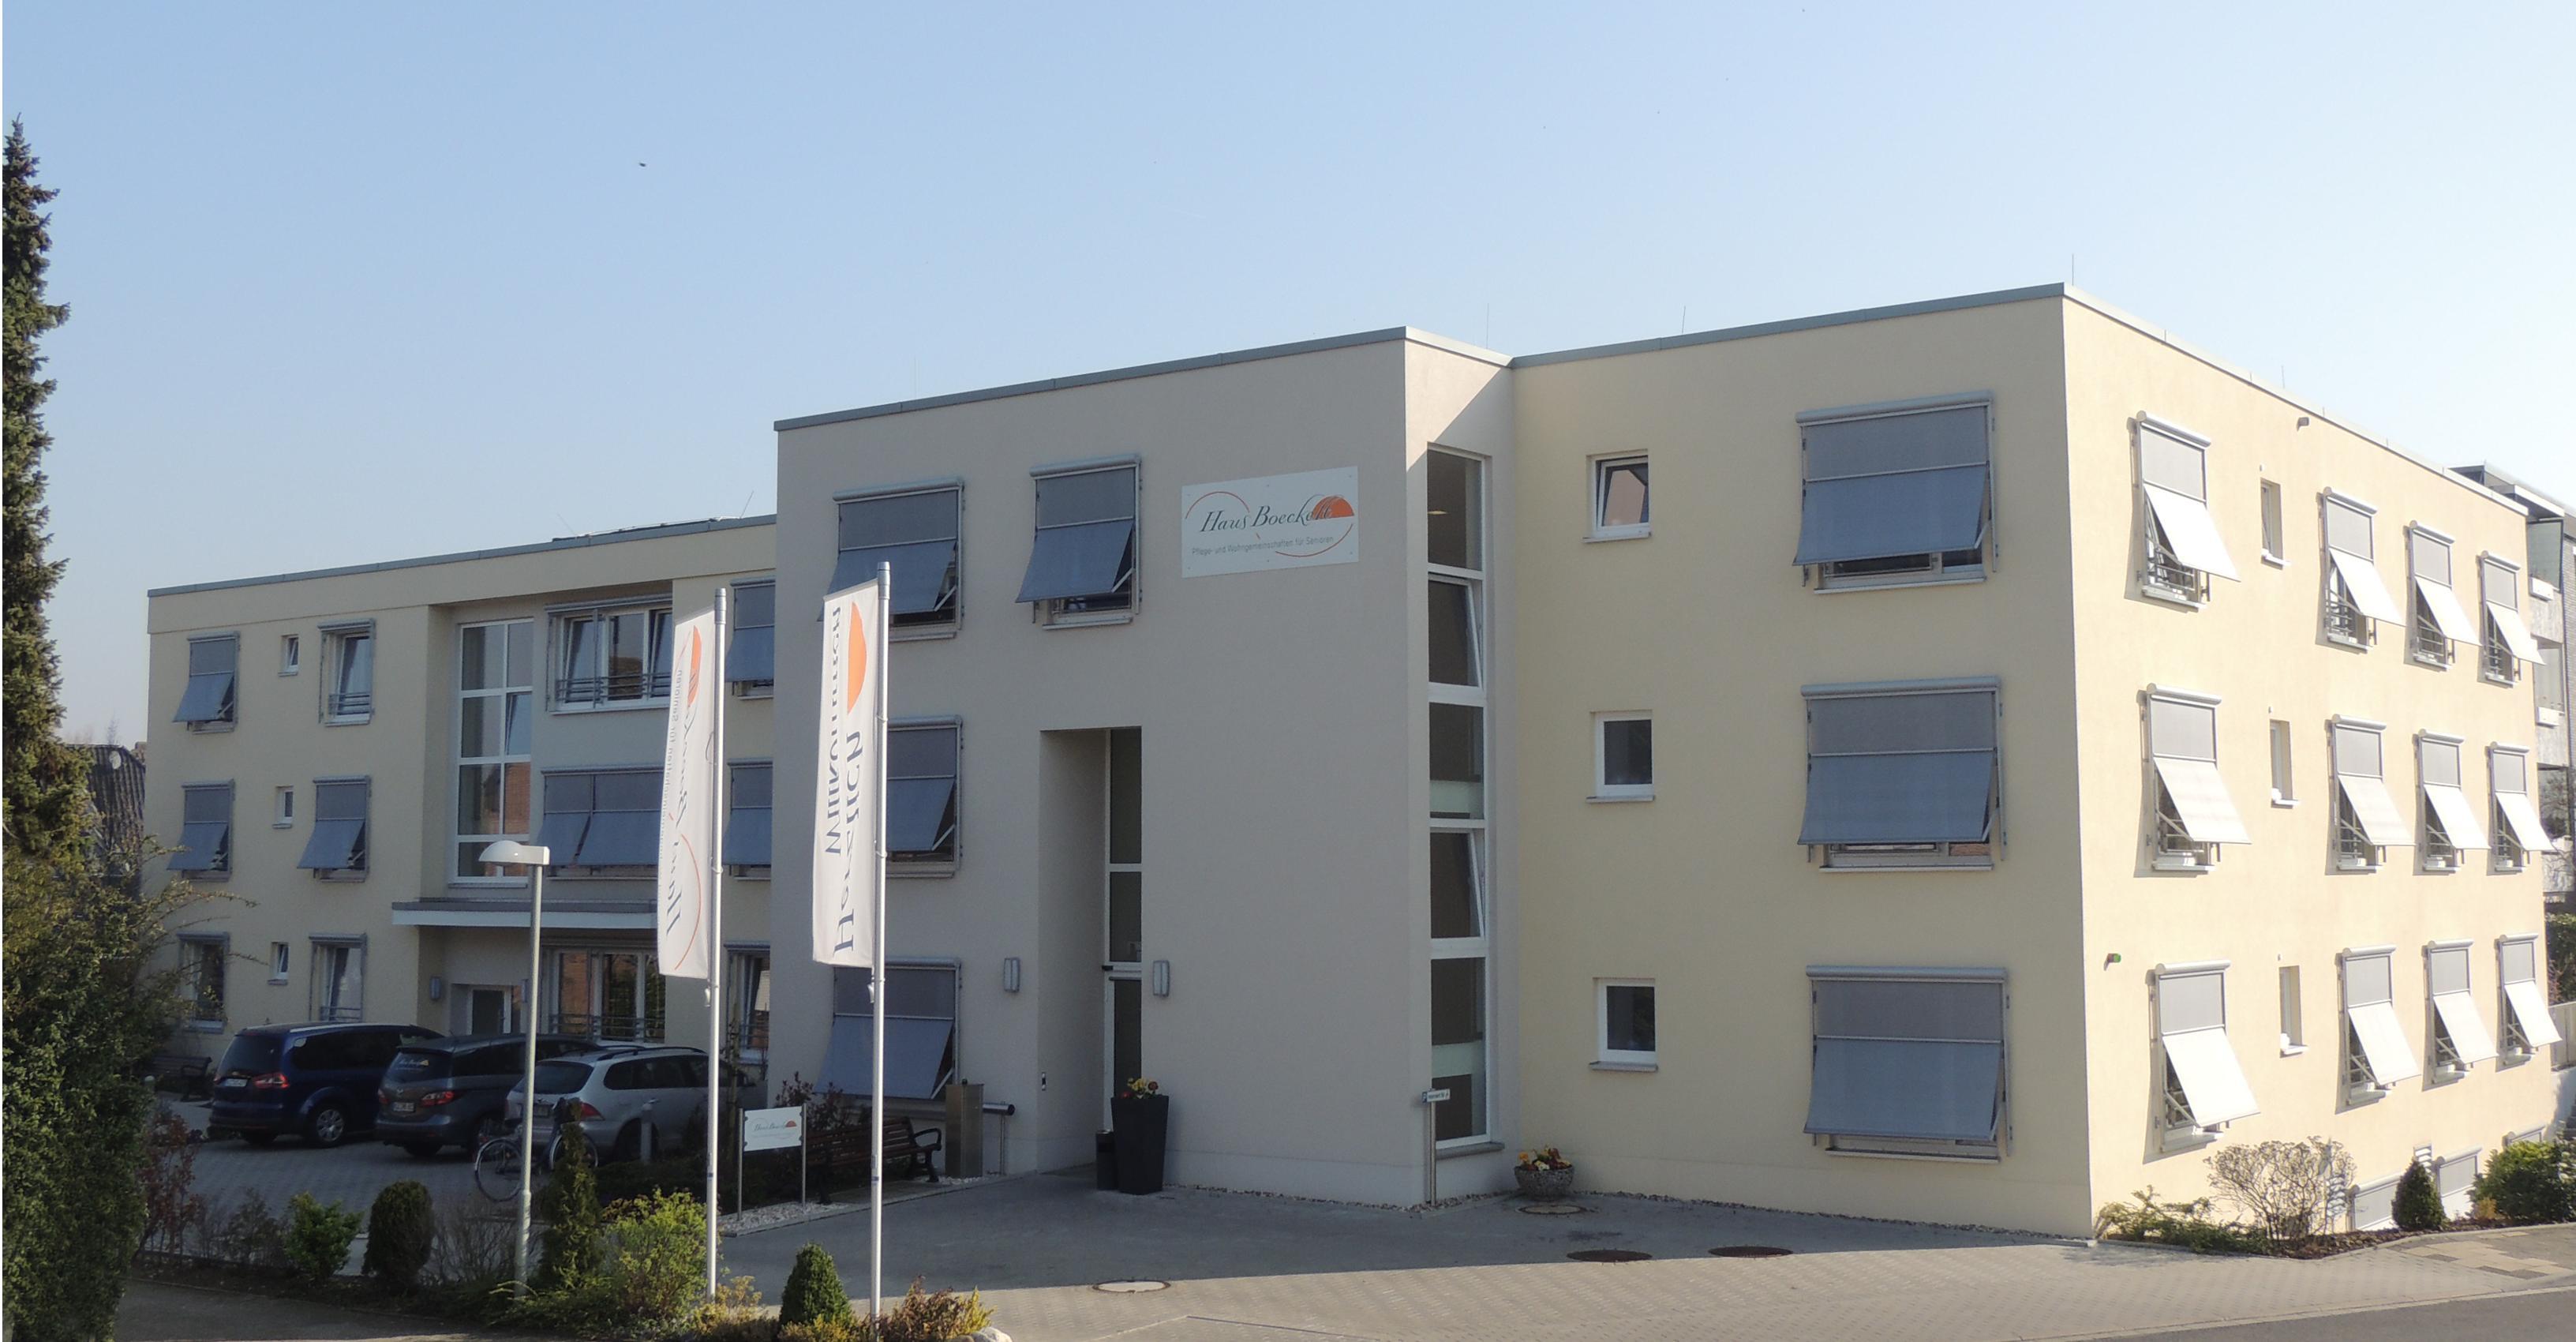 Haus Boeckelt - Pflege- und Wohngemeinschaft f�r Senioren